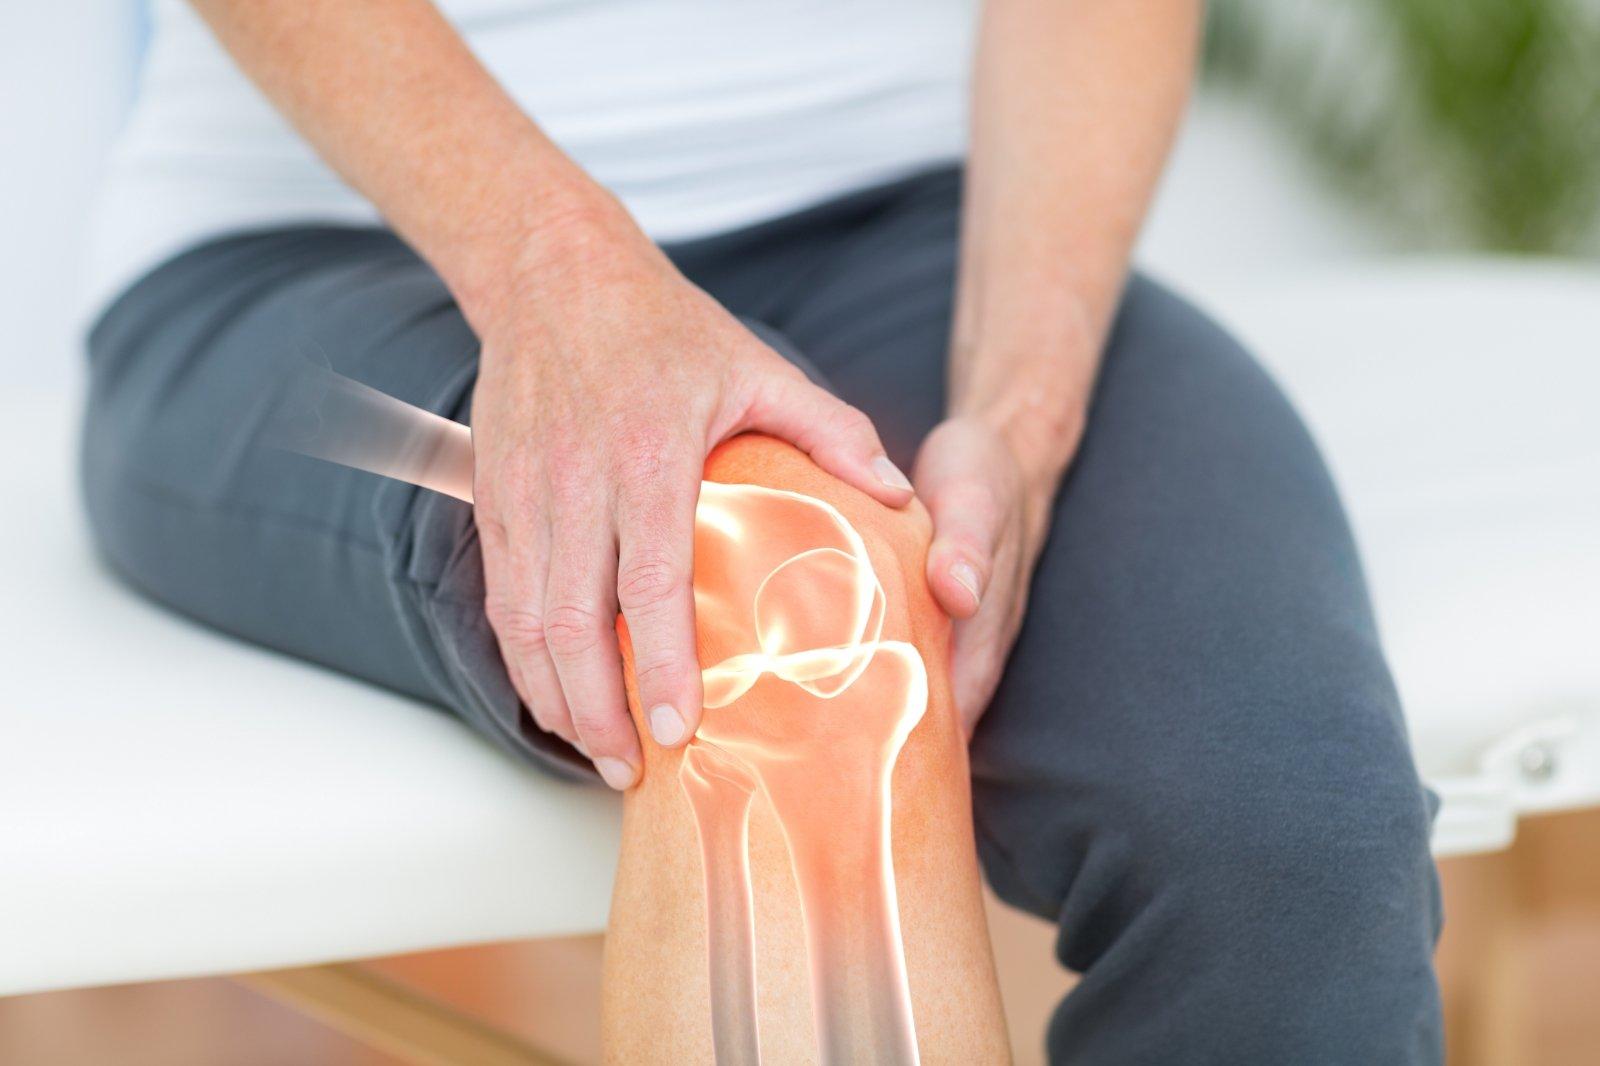 santrauka spita kokie skausmai gali būti su pečių sąnario artrozės